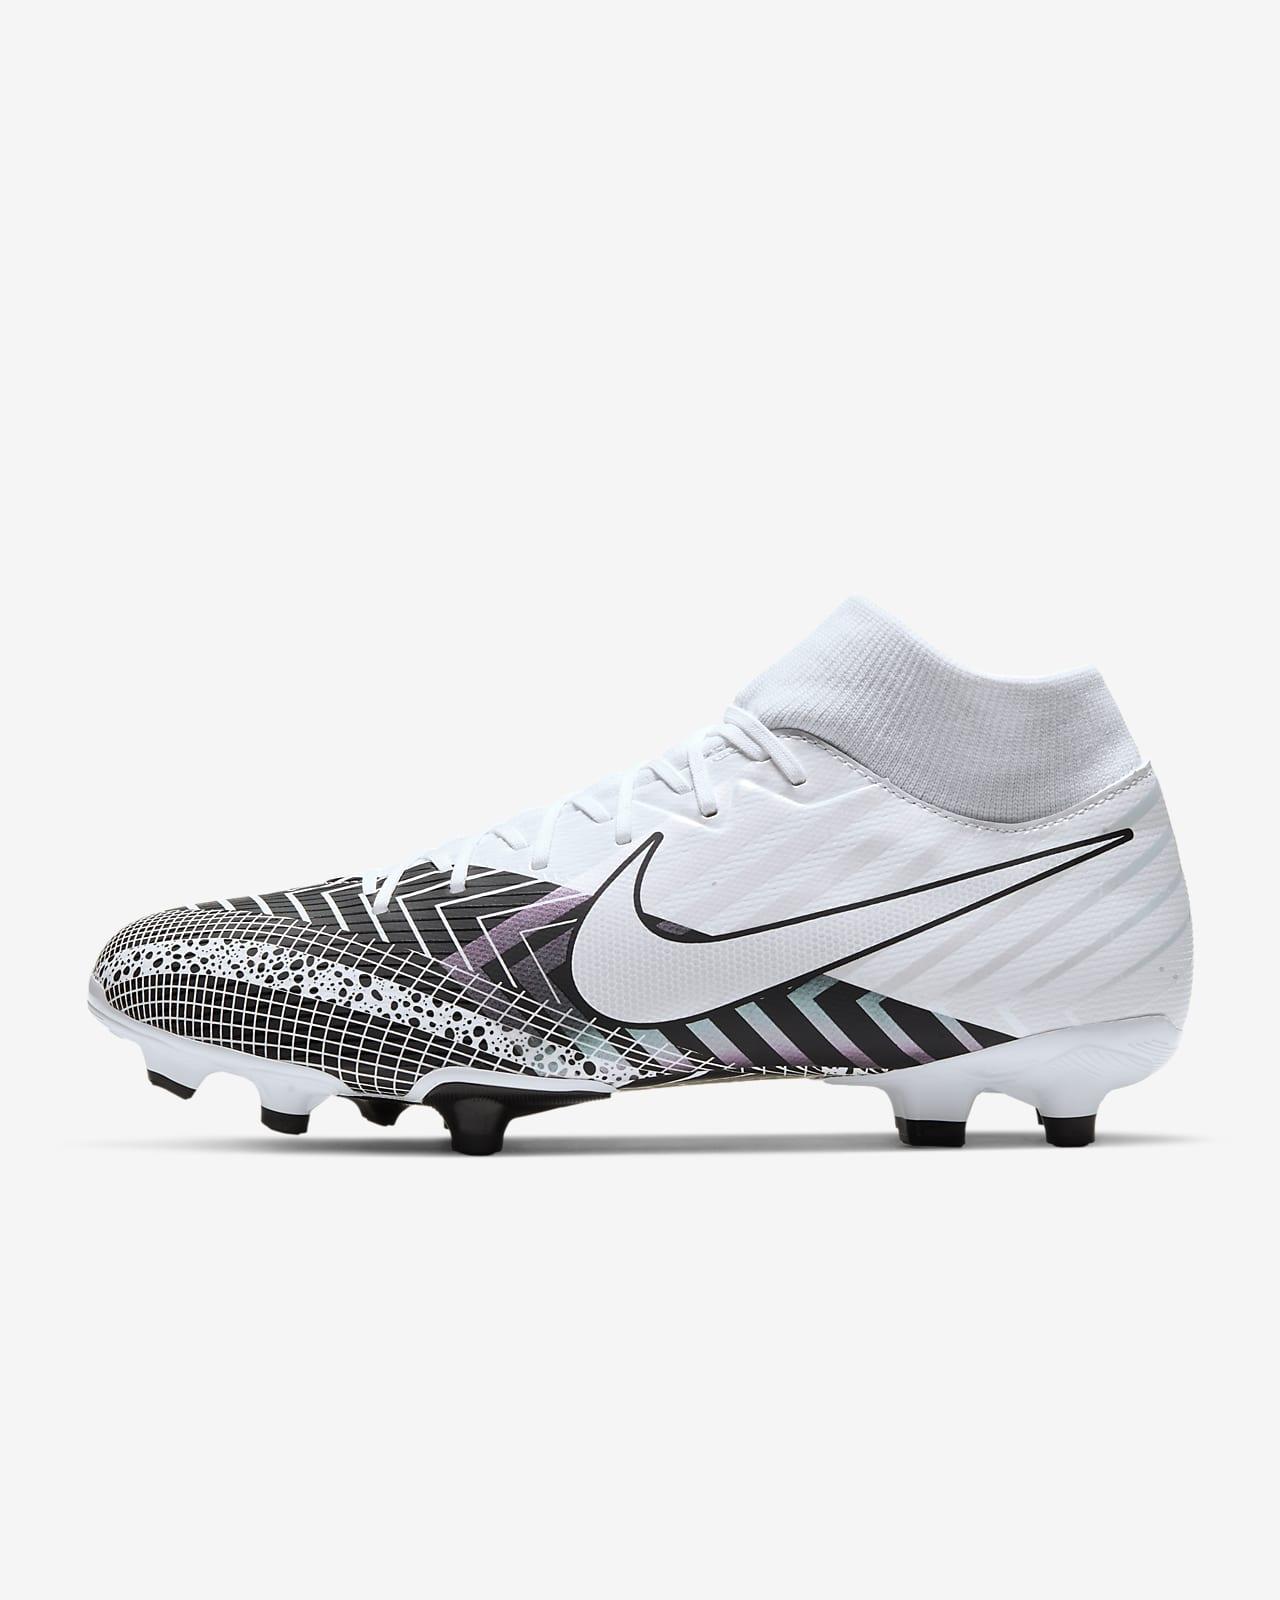 รองเท้าสตั๊ดฟุตบอลสำหรับพื้นหลายประเภท Nike Mercurial Superfly 7 Academy MDS MG